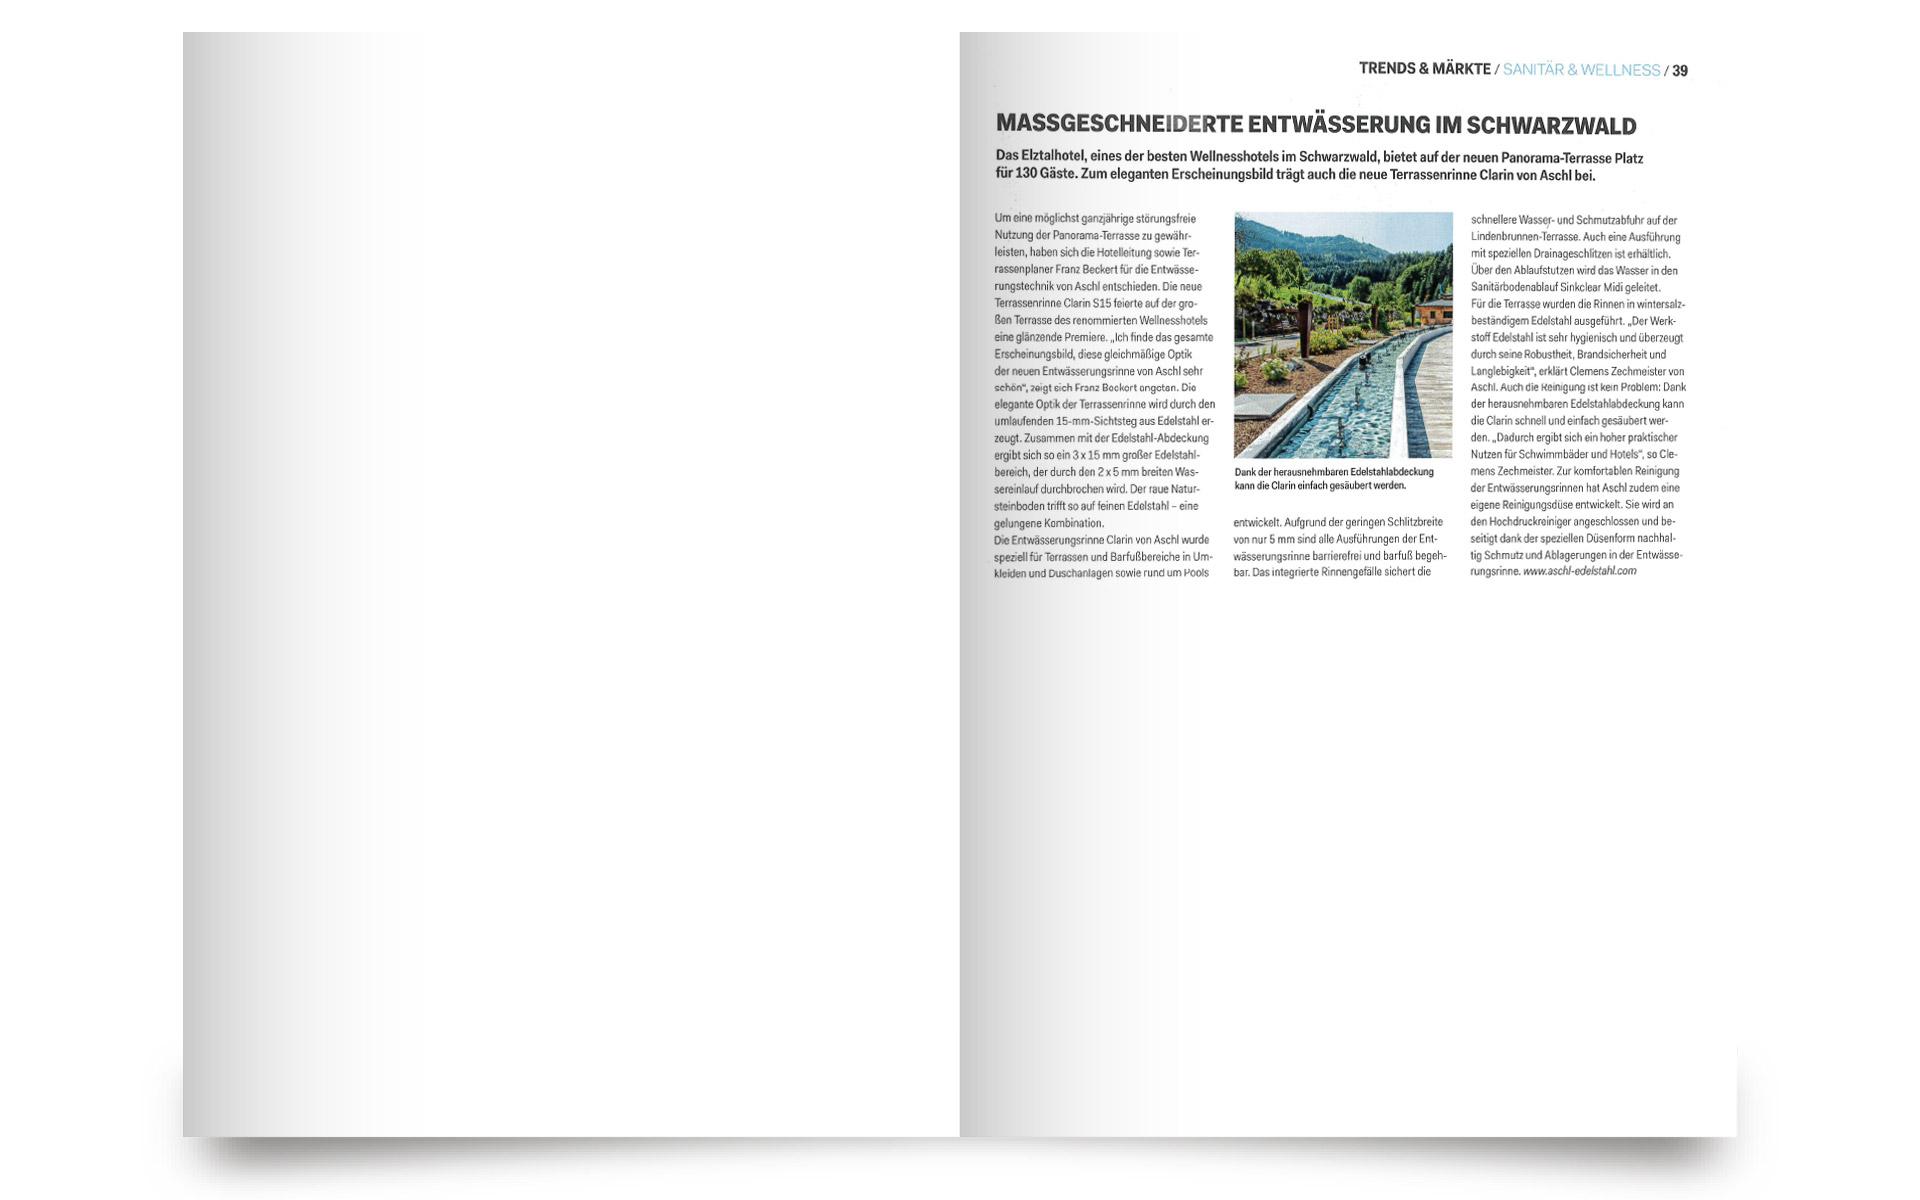 Maßgeschneiderte Entwässerung im Schwarzwald